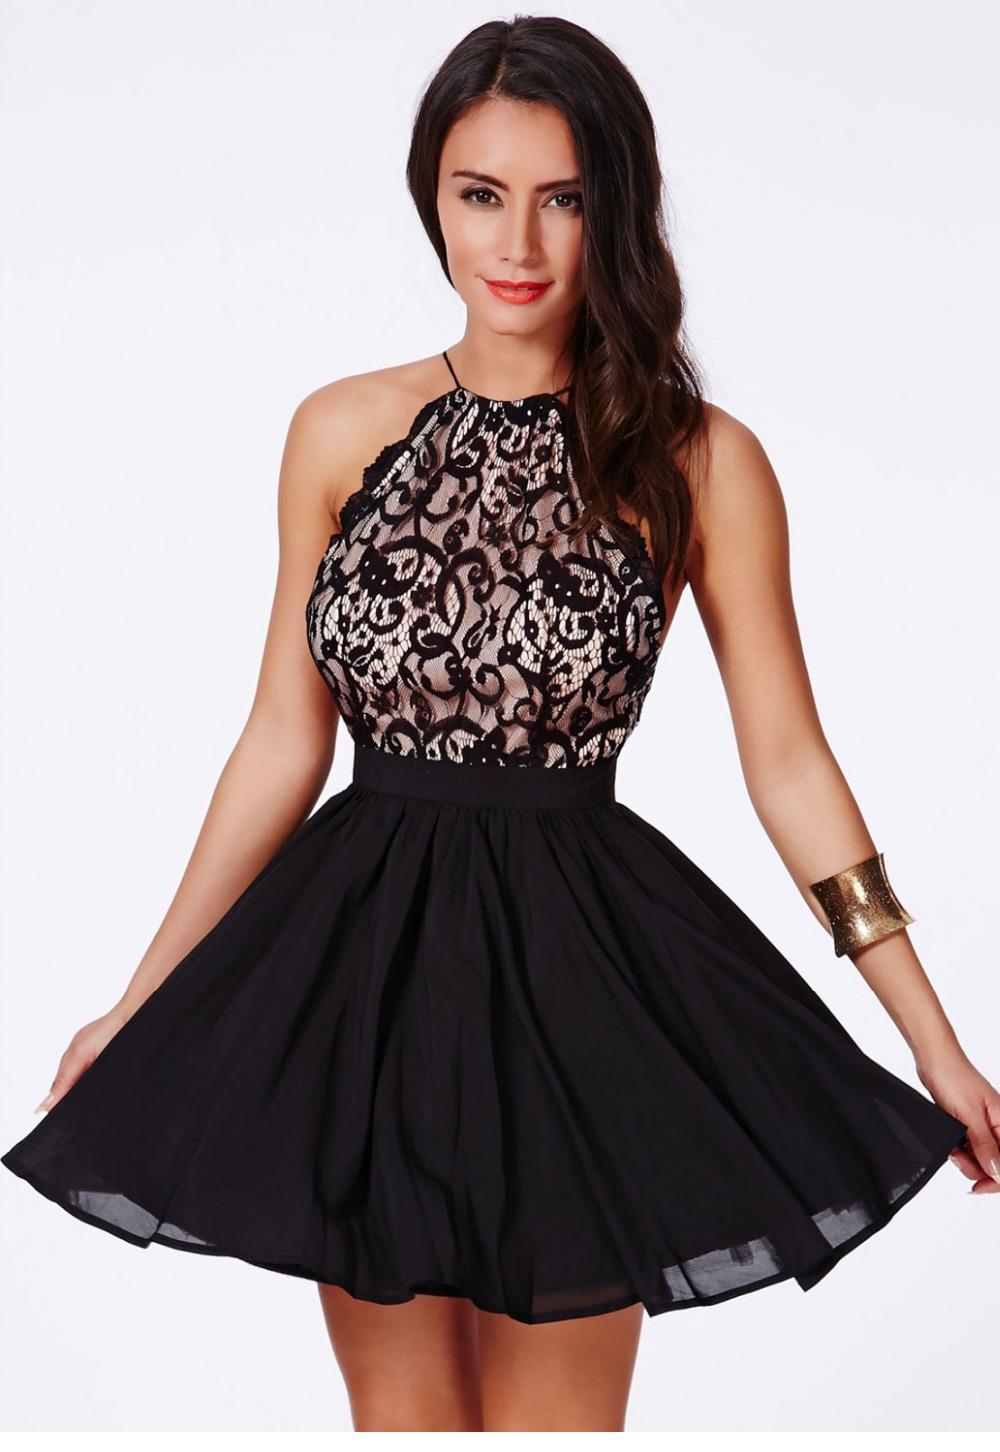 Vestidos de verano 2015 Mejor baratos para las señoras en línea ()